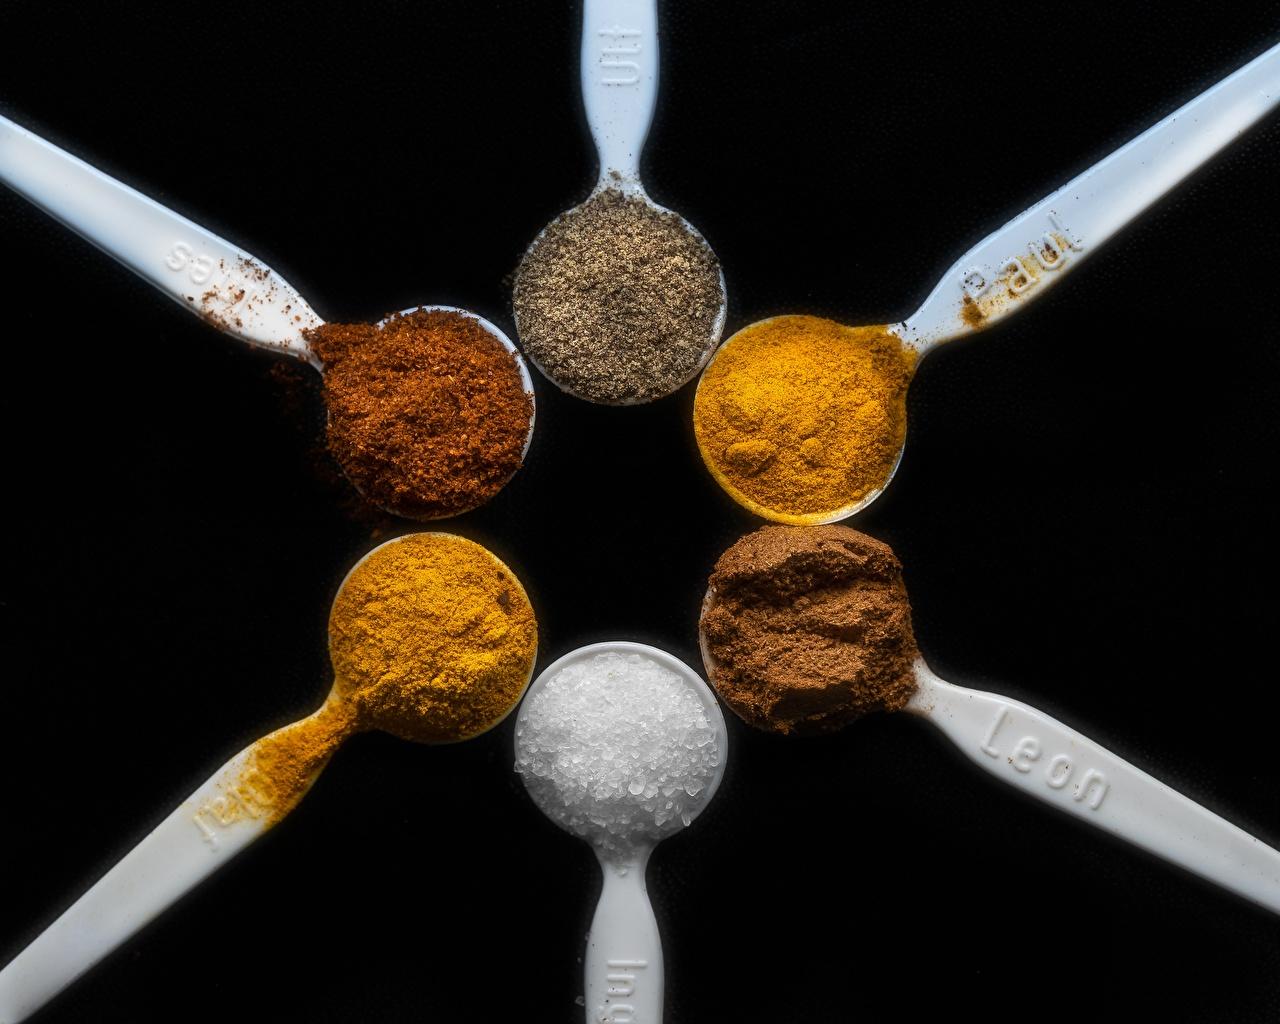 Картинки cinnamon, saffron Kurkuma, Cayenne papper Соль Пища Ложка приправы вблизи Черный фон соли солью Еда ложки Специи пряности Продукты питания на черном фоне Крупным планом